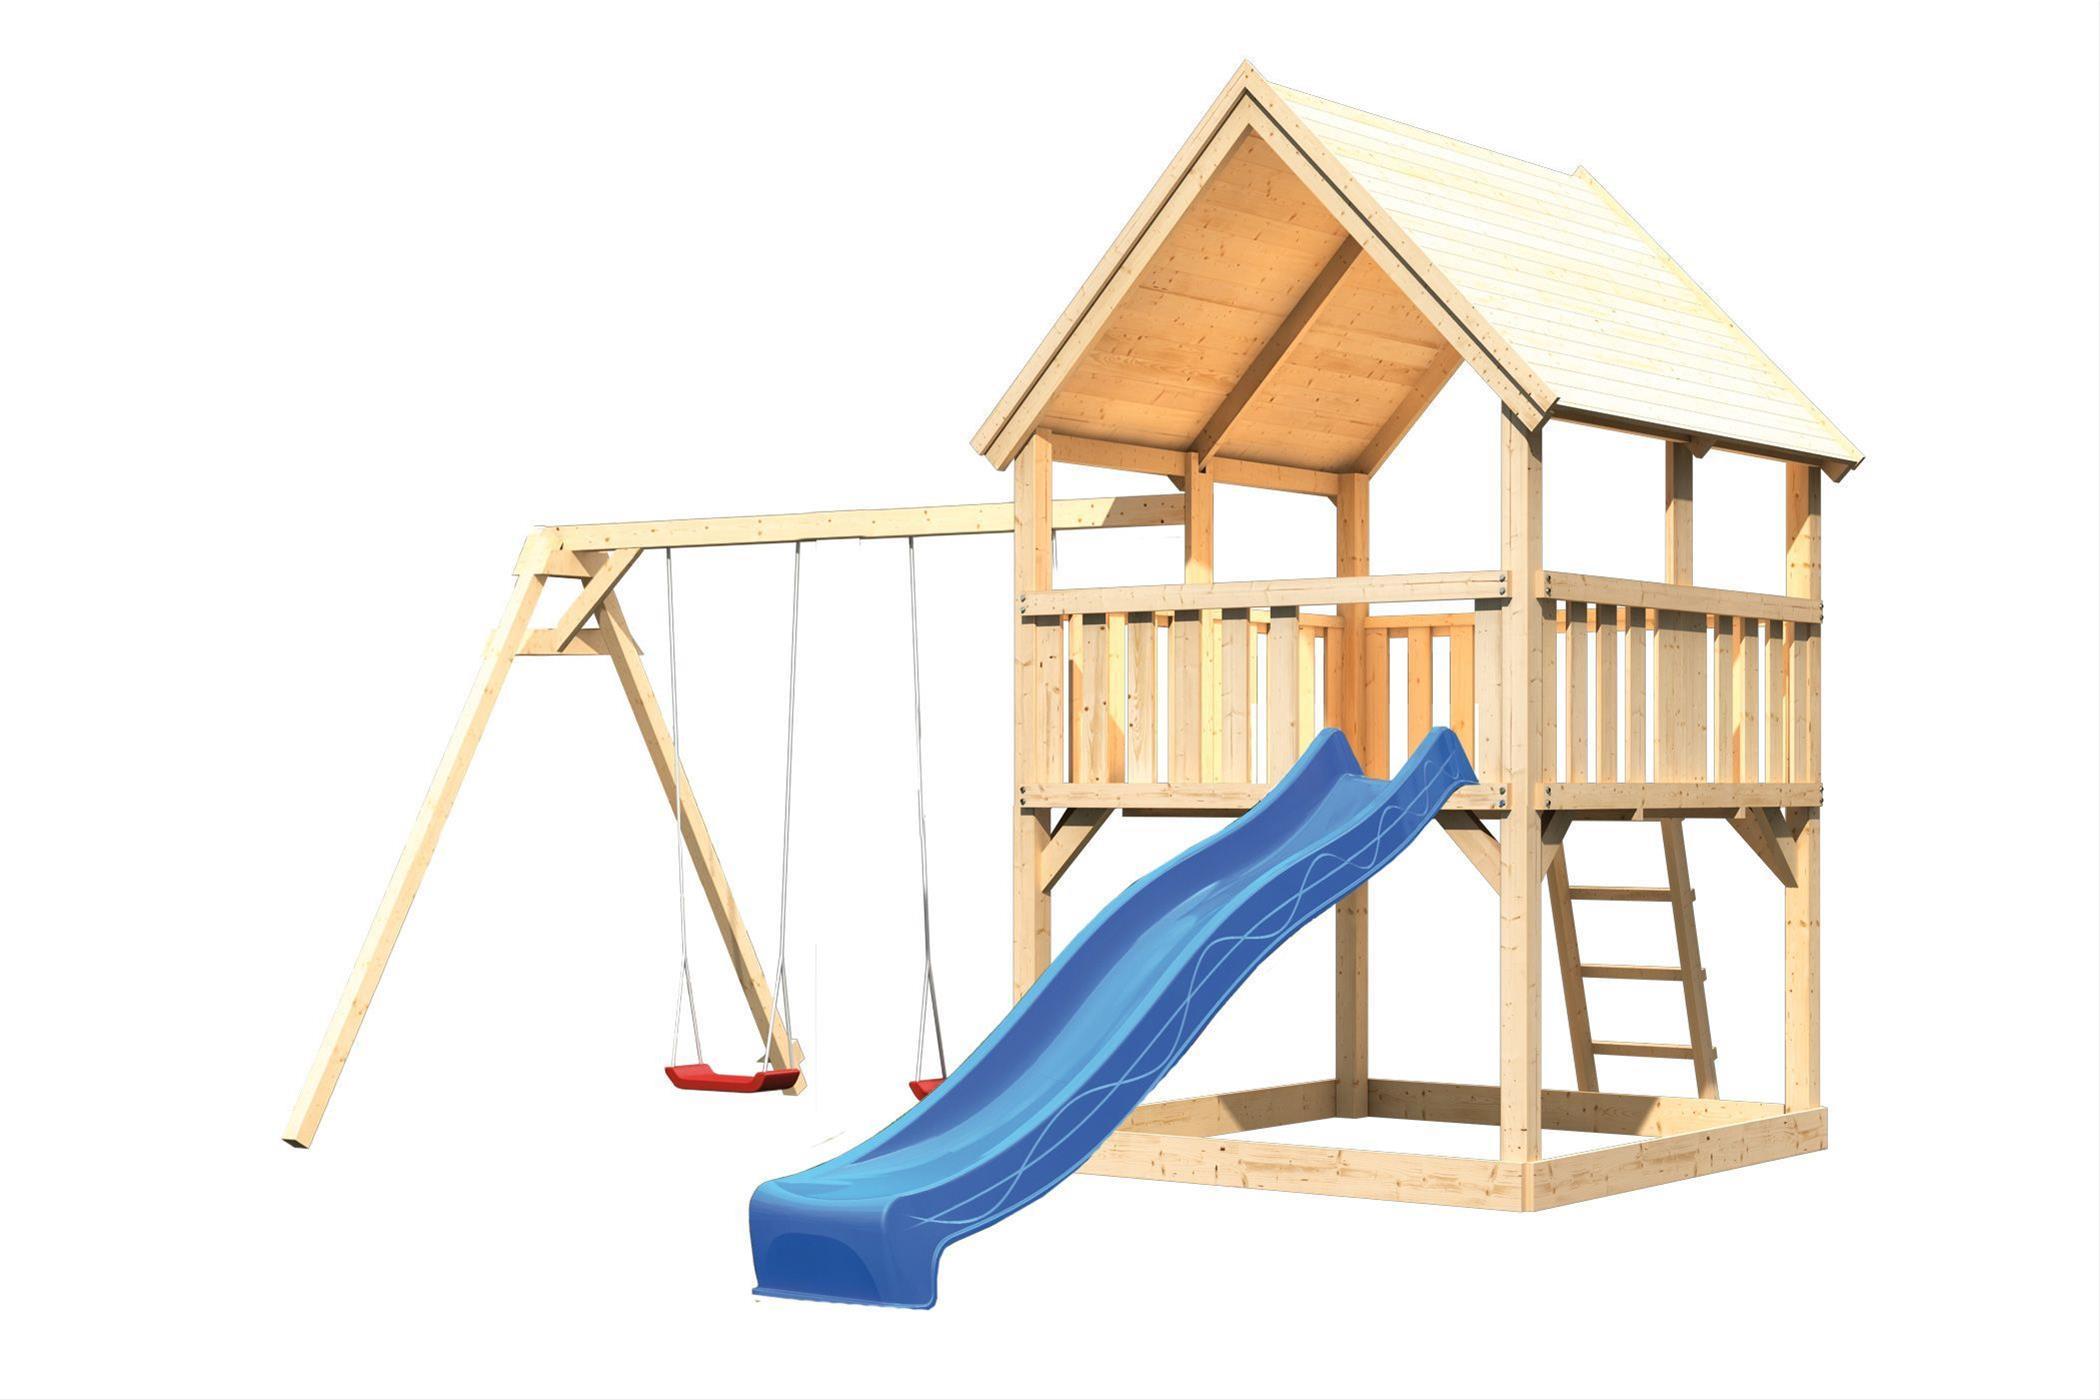 Spielturm Karibu Akubi Luis Set B Doppelschaukel + Rutsche blau Bild 2